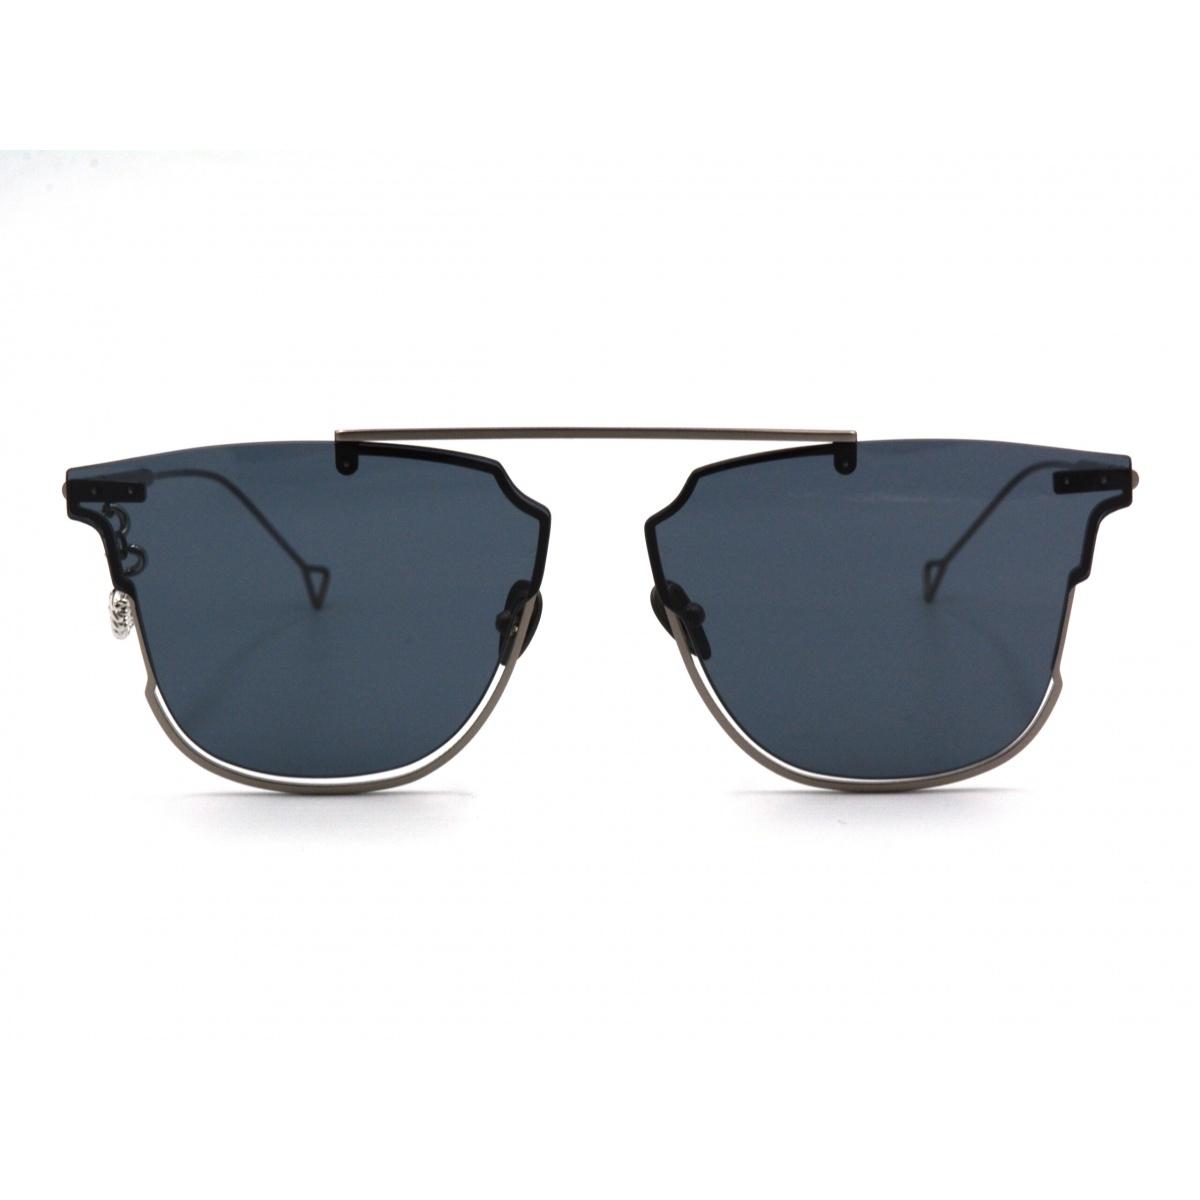 Γυαλιά ηλίου HAZE COLLECTION NEW YORK HOVE-3BK 65-13-145